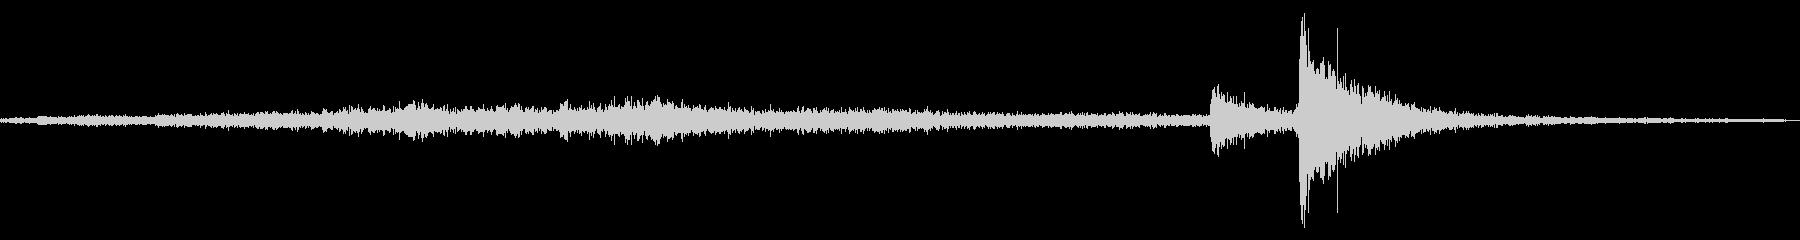 メタルグリル:ライトスクレイピング...の未再生の波形